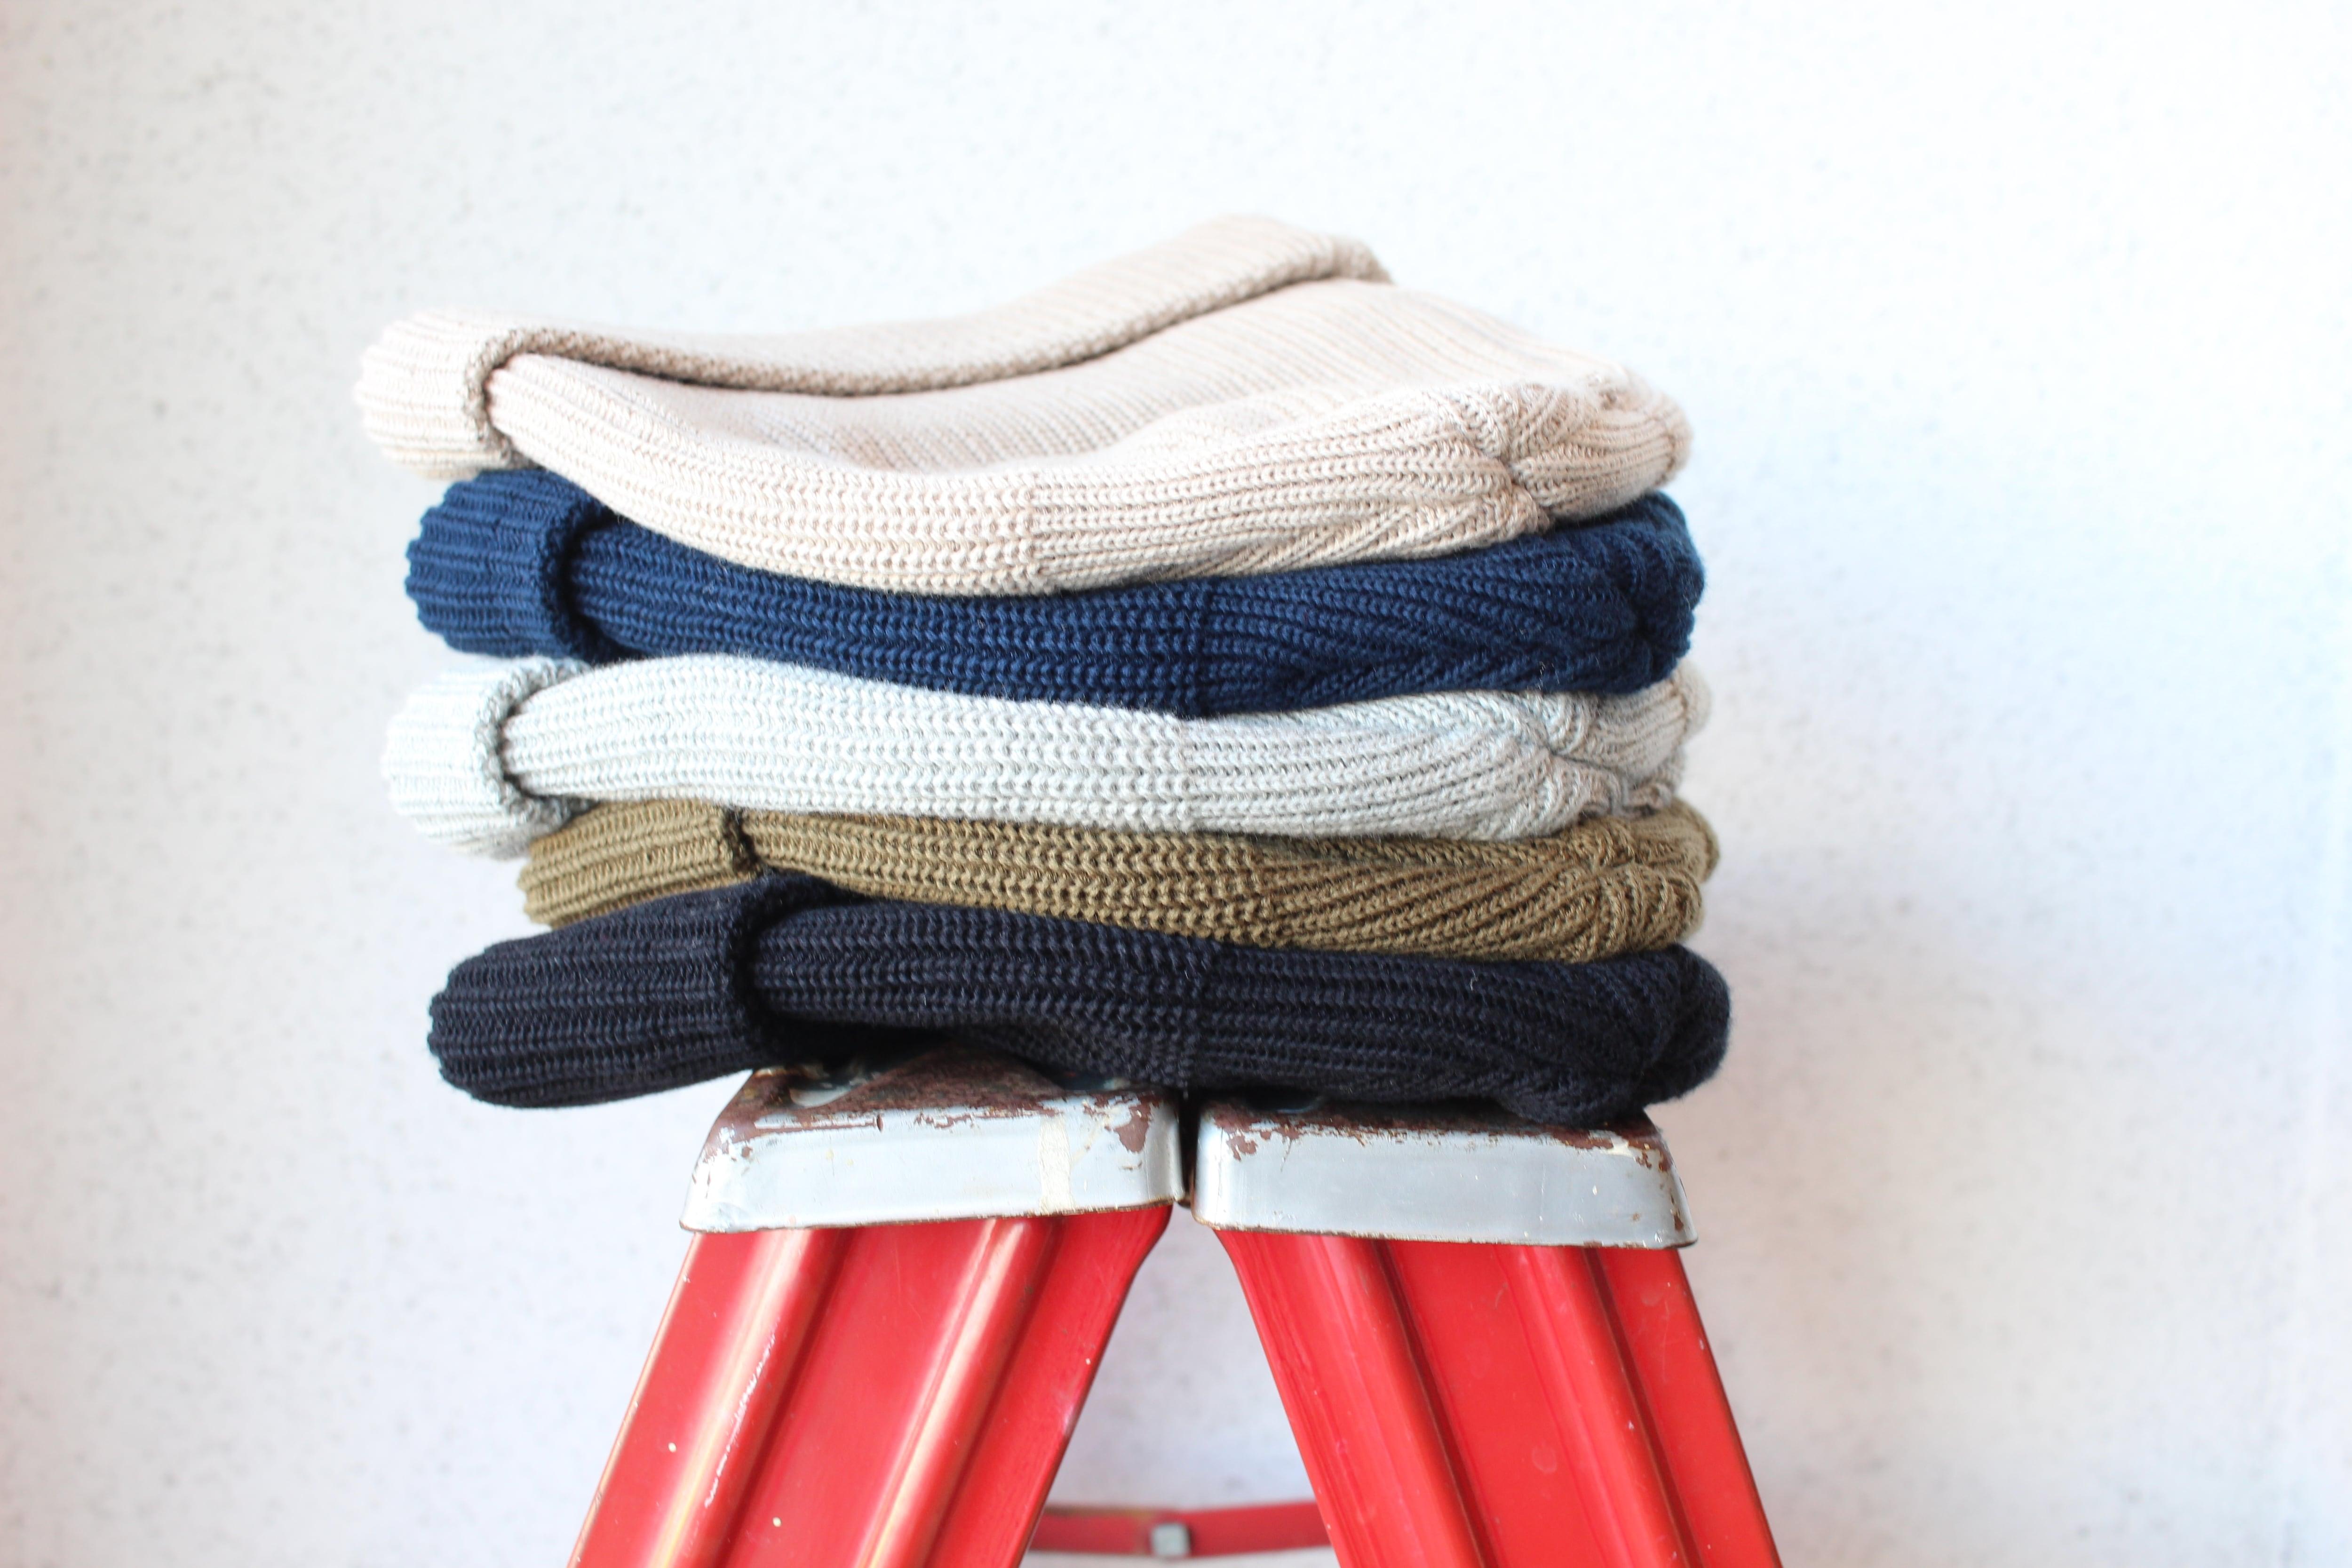 【全色揃えての入荷!】DECHO(デコー)/ Knit Cap(ニット キャップ)